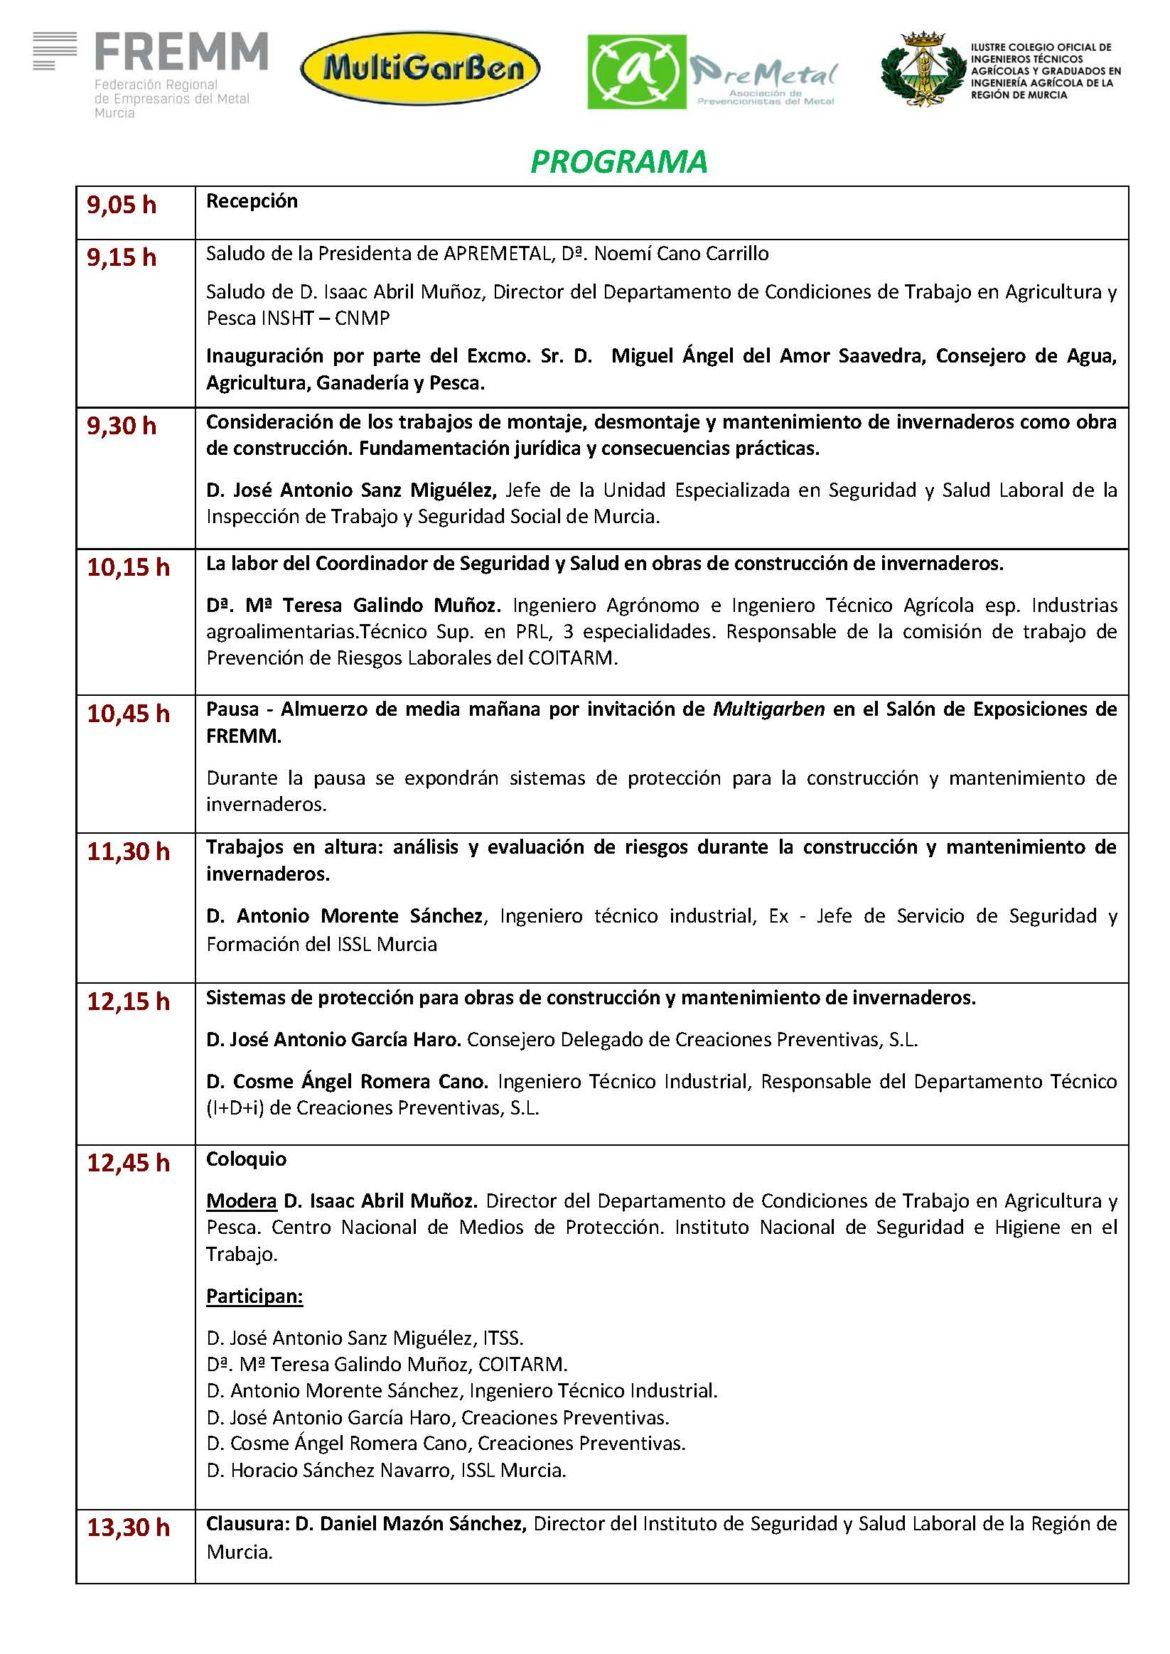 JORNADA TÉCNICA: CONSTRUCCIÓN Y MANTENIMIENTO DE INVERNADEROS